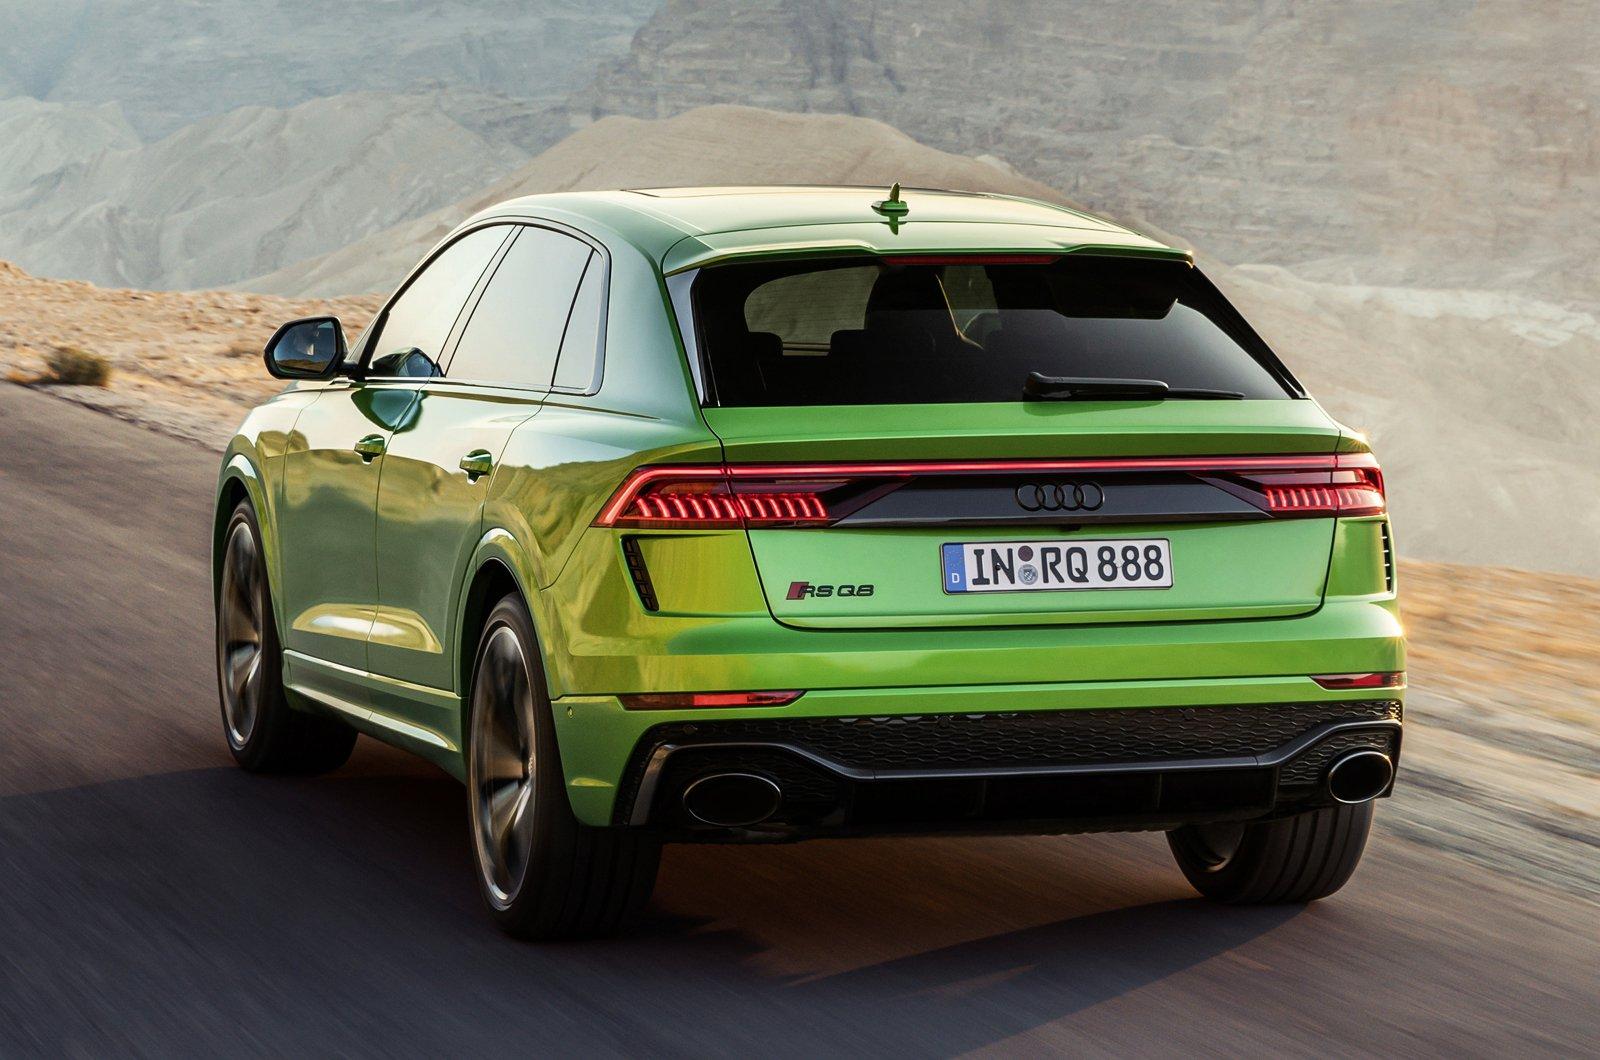 Audi RS Q8 green rear